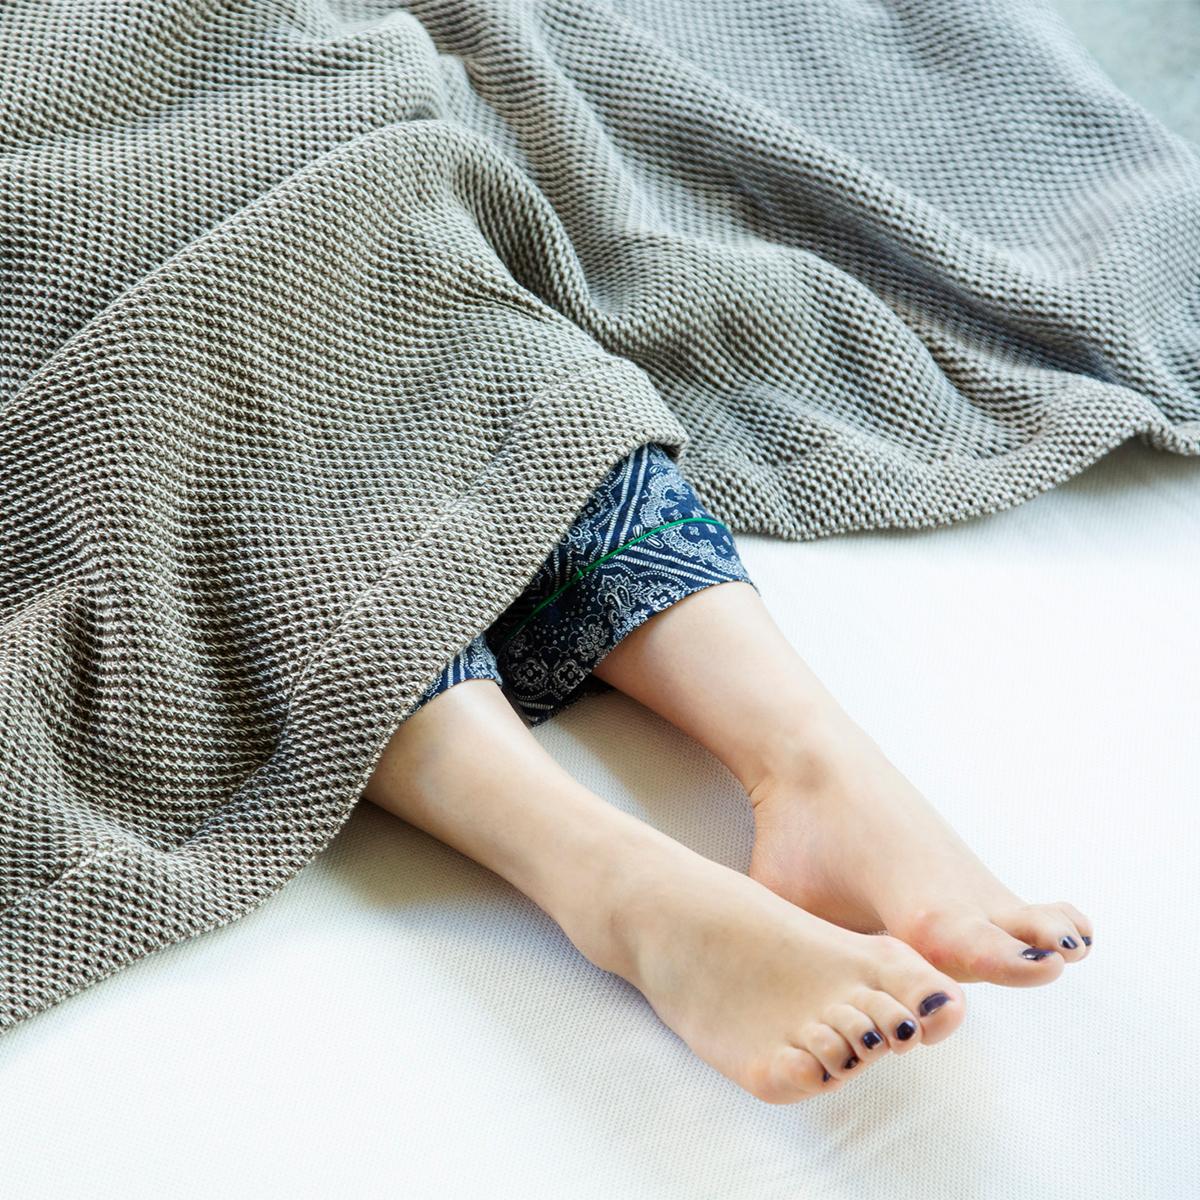 「熟睡」を追求したタオルケット|《ボックスシーツ》凹凸状のハニカム織りが、汗と湿気を逃がすケット|ハニカムケット